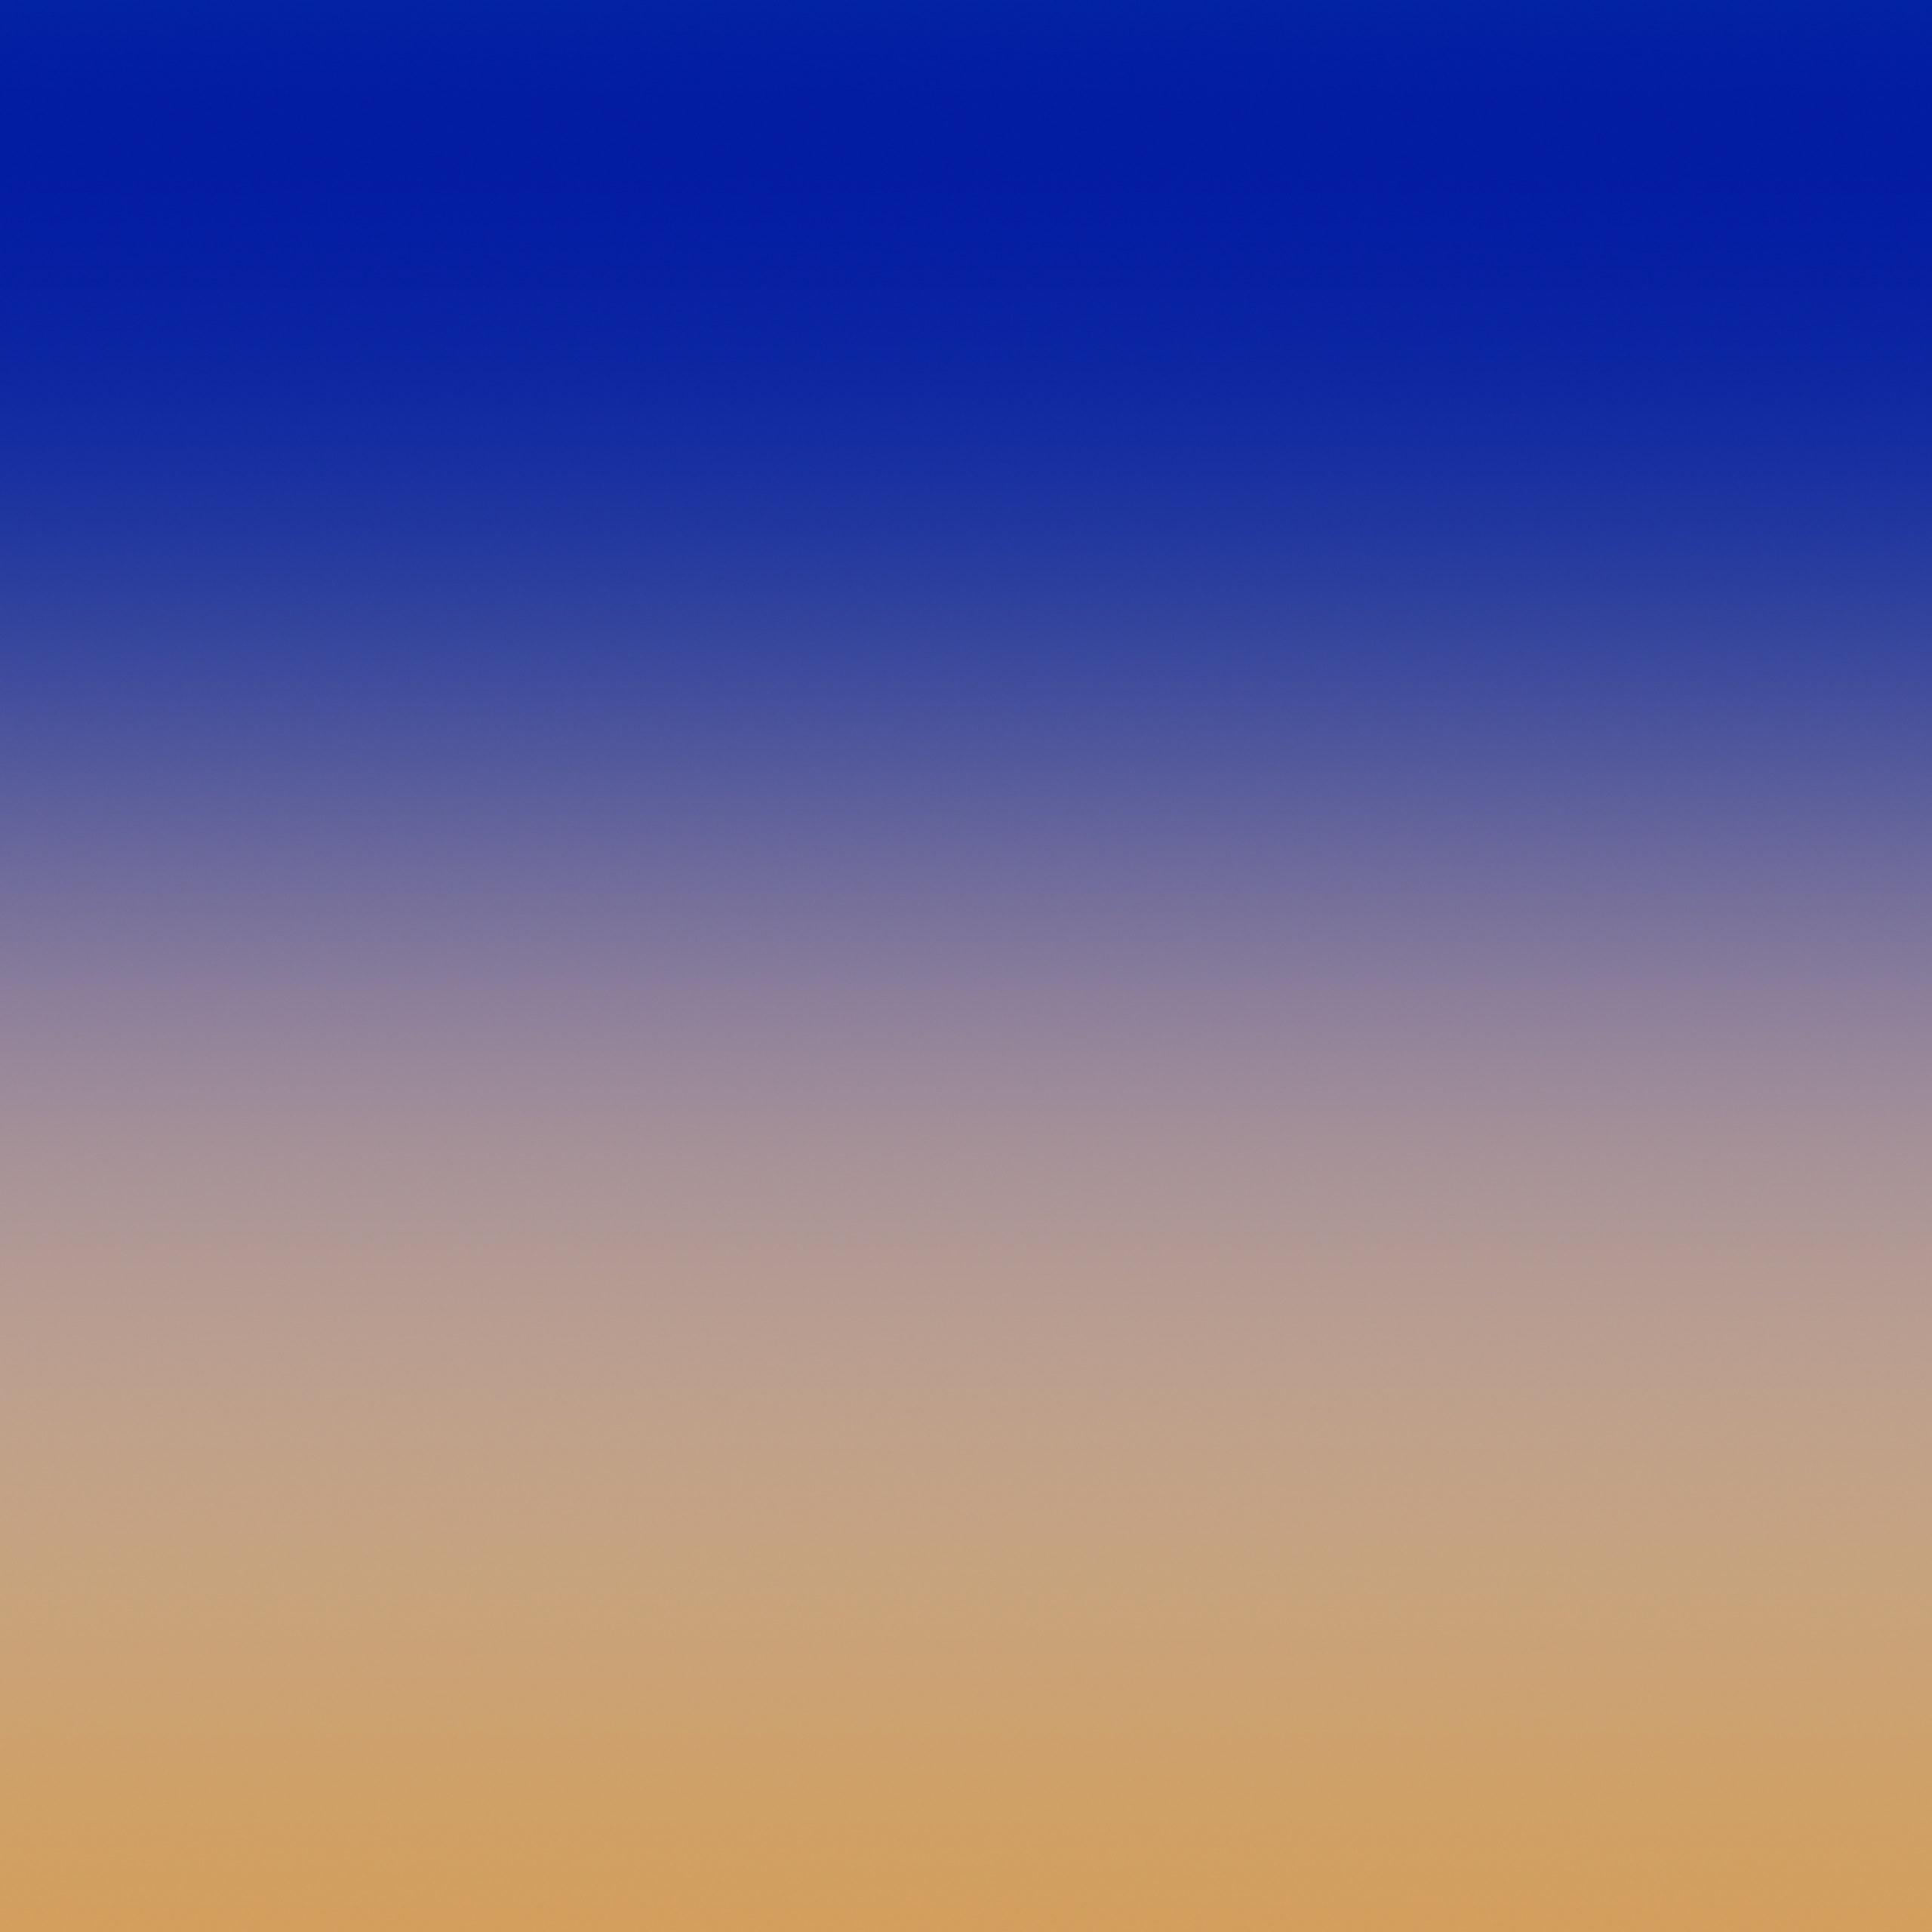 wallpaper hier bekommt ihr die 12 hintergrundbilder vom samsung galaxy note 9 download gwb samsung galaxy note 9